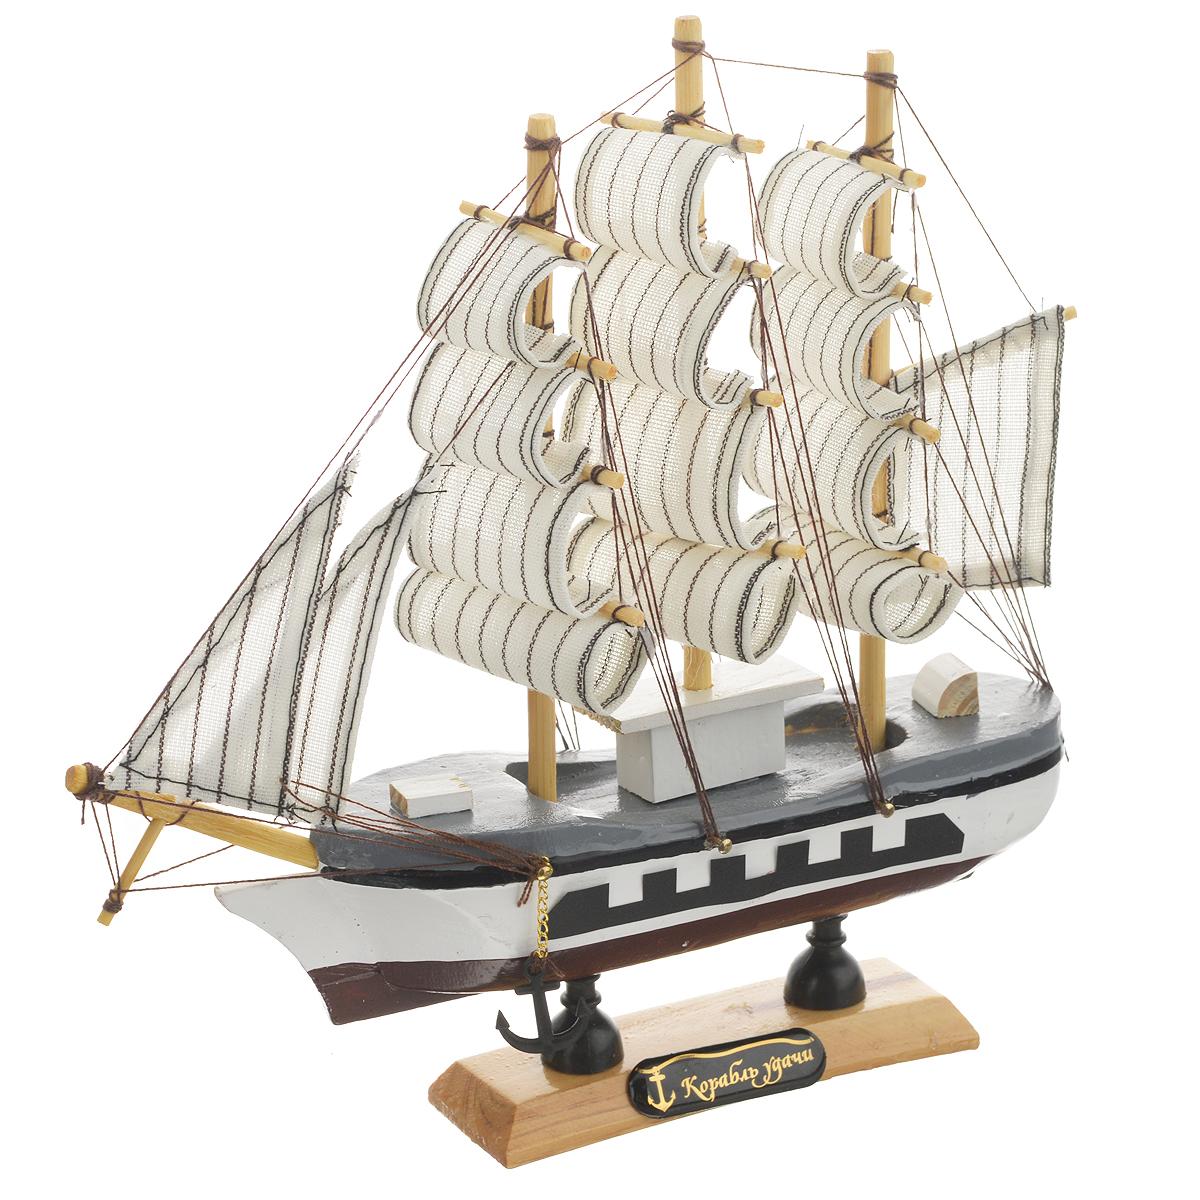 Корабль сувенирный Корабль удачи, длина 20 см. 404829404829Сувенирный корабль Корабль удачи, изготовленный из дерева и текстиля, это великолепный элемент декора рабочей зоны в офисе или кабинете. Корабль с парусами и якорями помещен на деревянную подставку. Время идет, и мы становимся свидетелями развития технического прогресса, новых учений и практик. Но одно не подвластно времени - это любовь человека к морю и кораблям. Сувенирный корабль наполнен историей и силой океанских вод. Данная модель кораблика станет отличным подарком для всех любителей морей, поклонников историй о покорении океанов и неизведанных земель. Модель корабля - подарок со смыслом. Издавна на Руси считалось, что корабли приносят удачу и везение. Поэтому их изображения, фигурки и точные копии всегда присутствовали в помещениях. Удивите себя и своих близких необычным презентом.